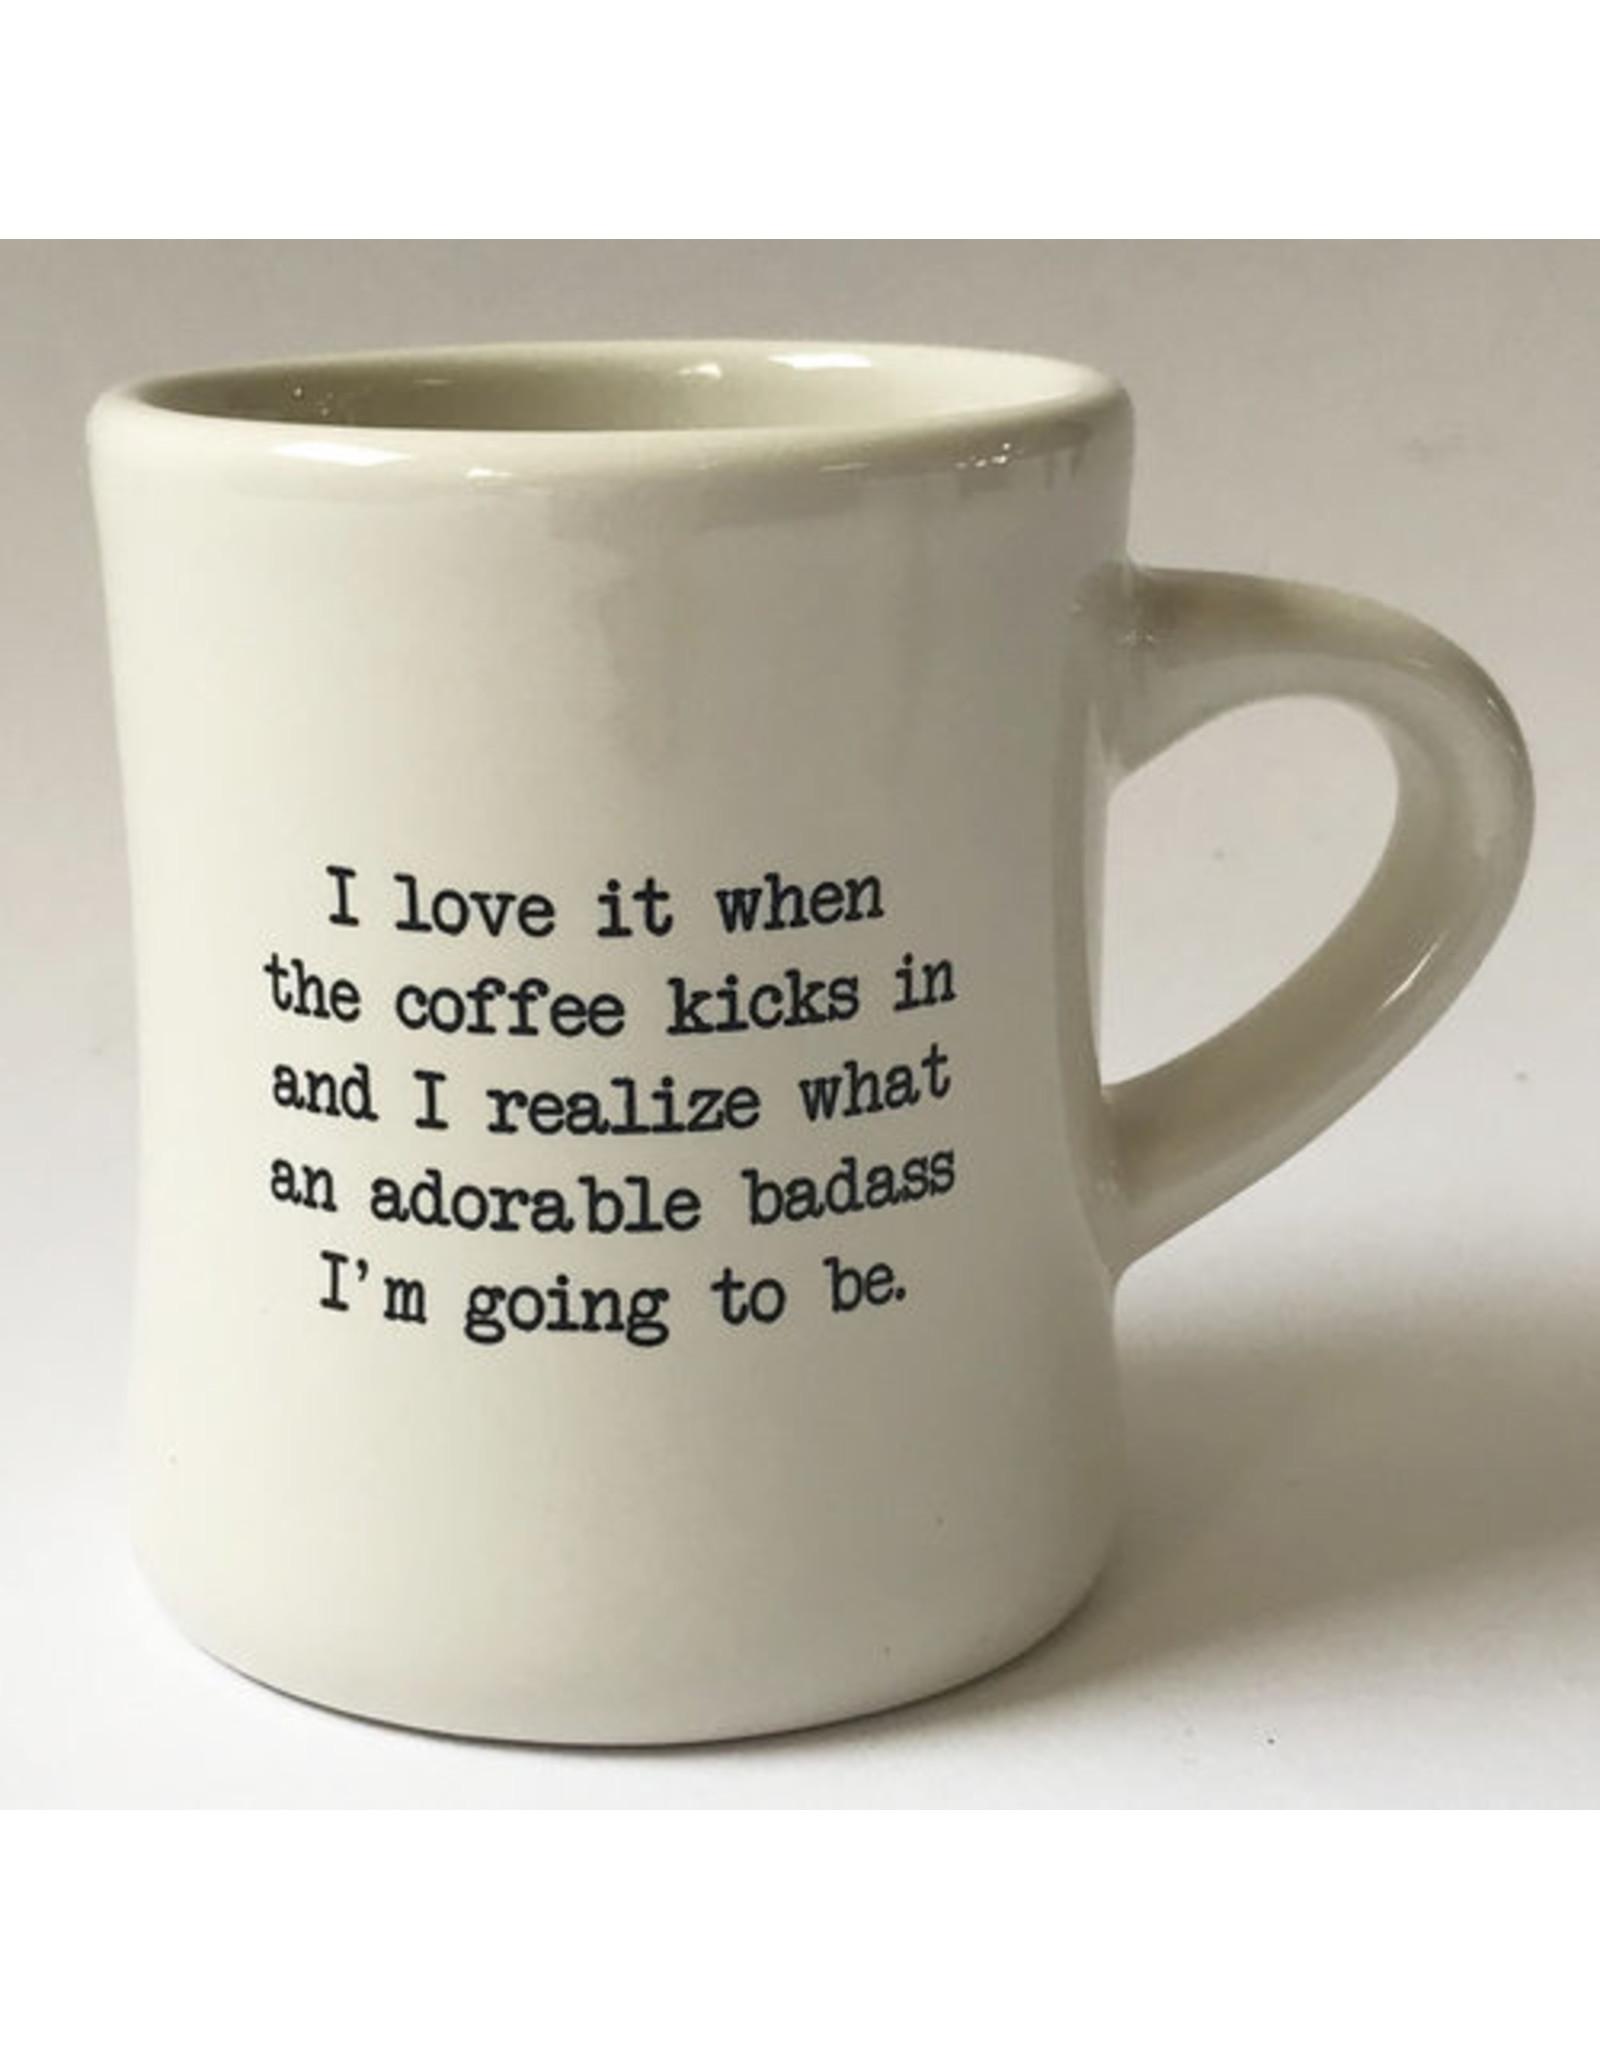 Mug, Adorable Badass